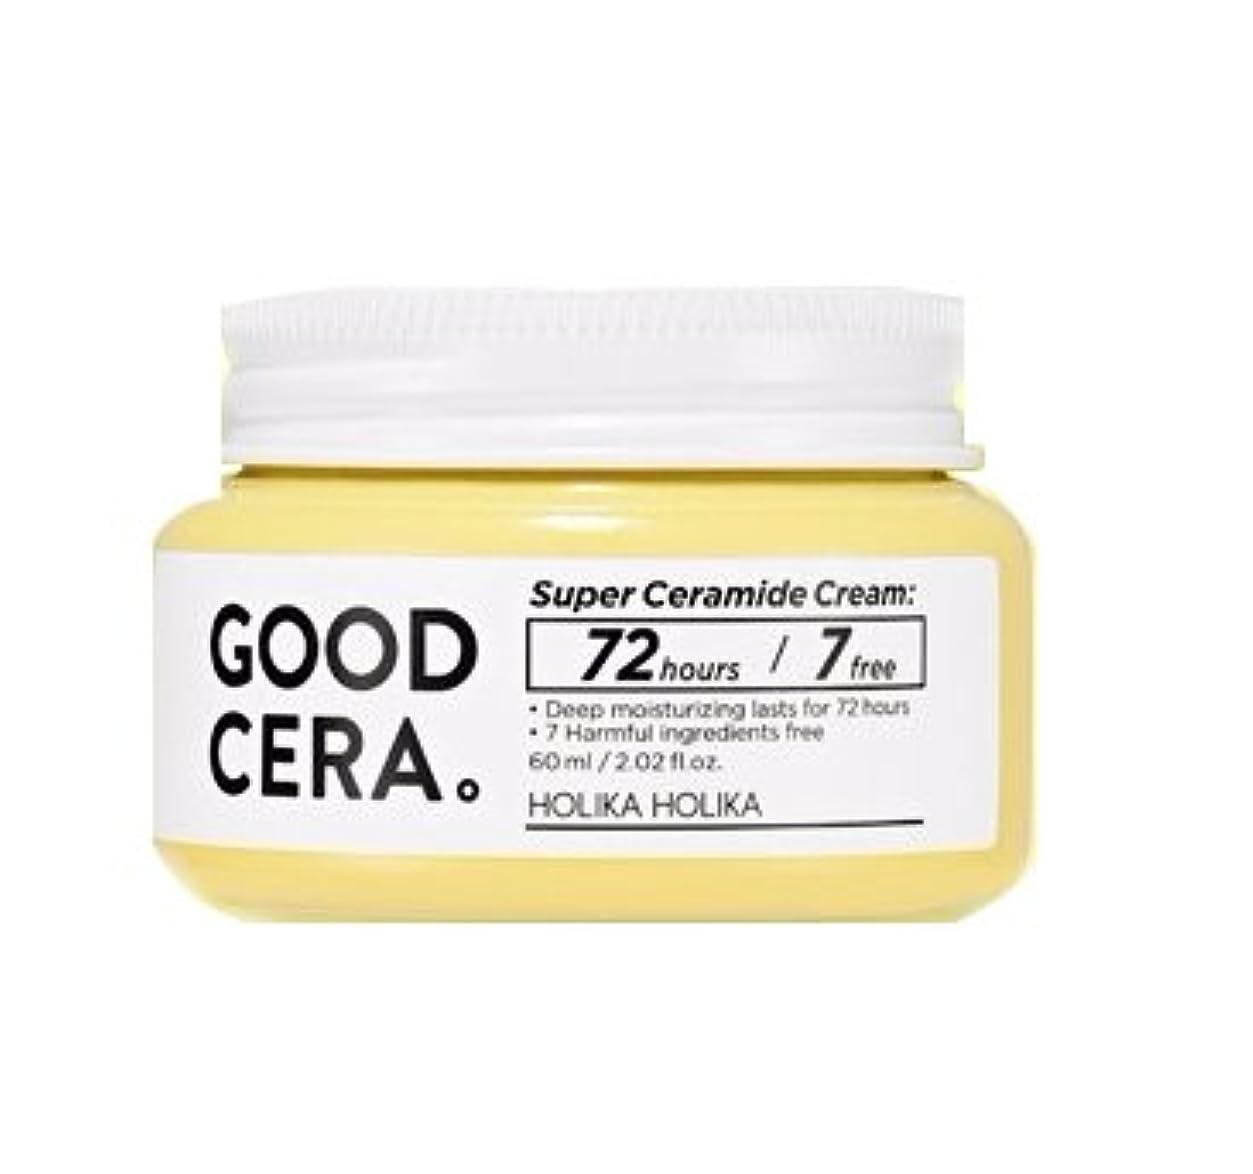 実験をする操る即席[NEW] ホリカホリカ スーパーセラミドクリーム 60ml / HOLIKA HOLIKA Super Ceramide Cream [並行輸入品]